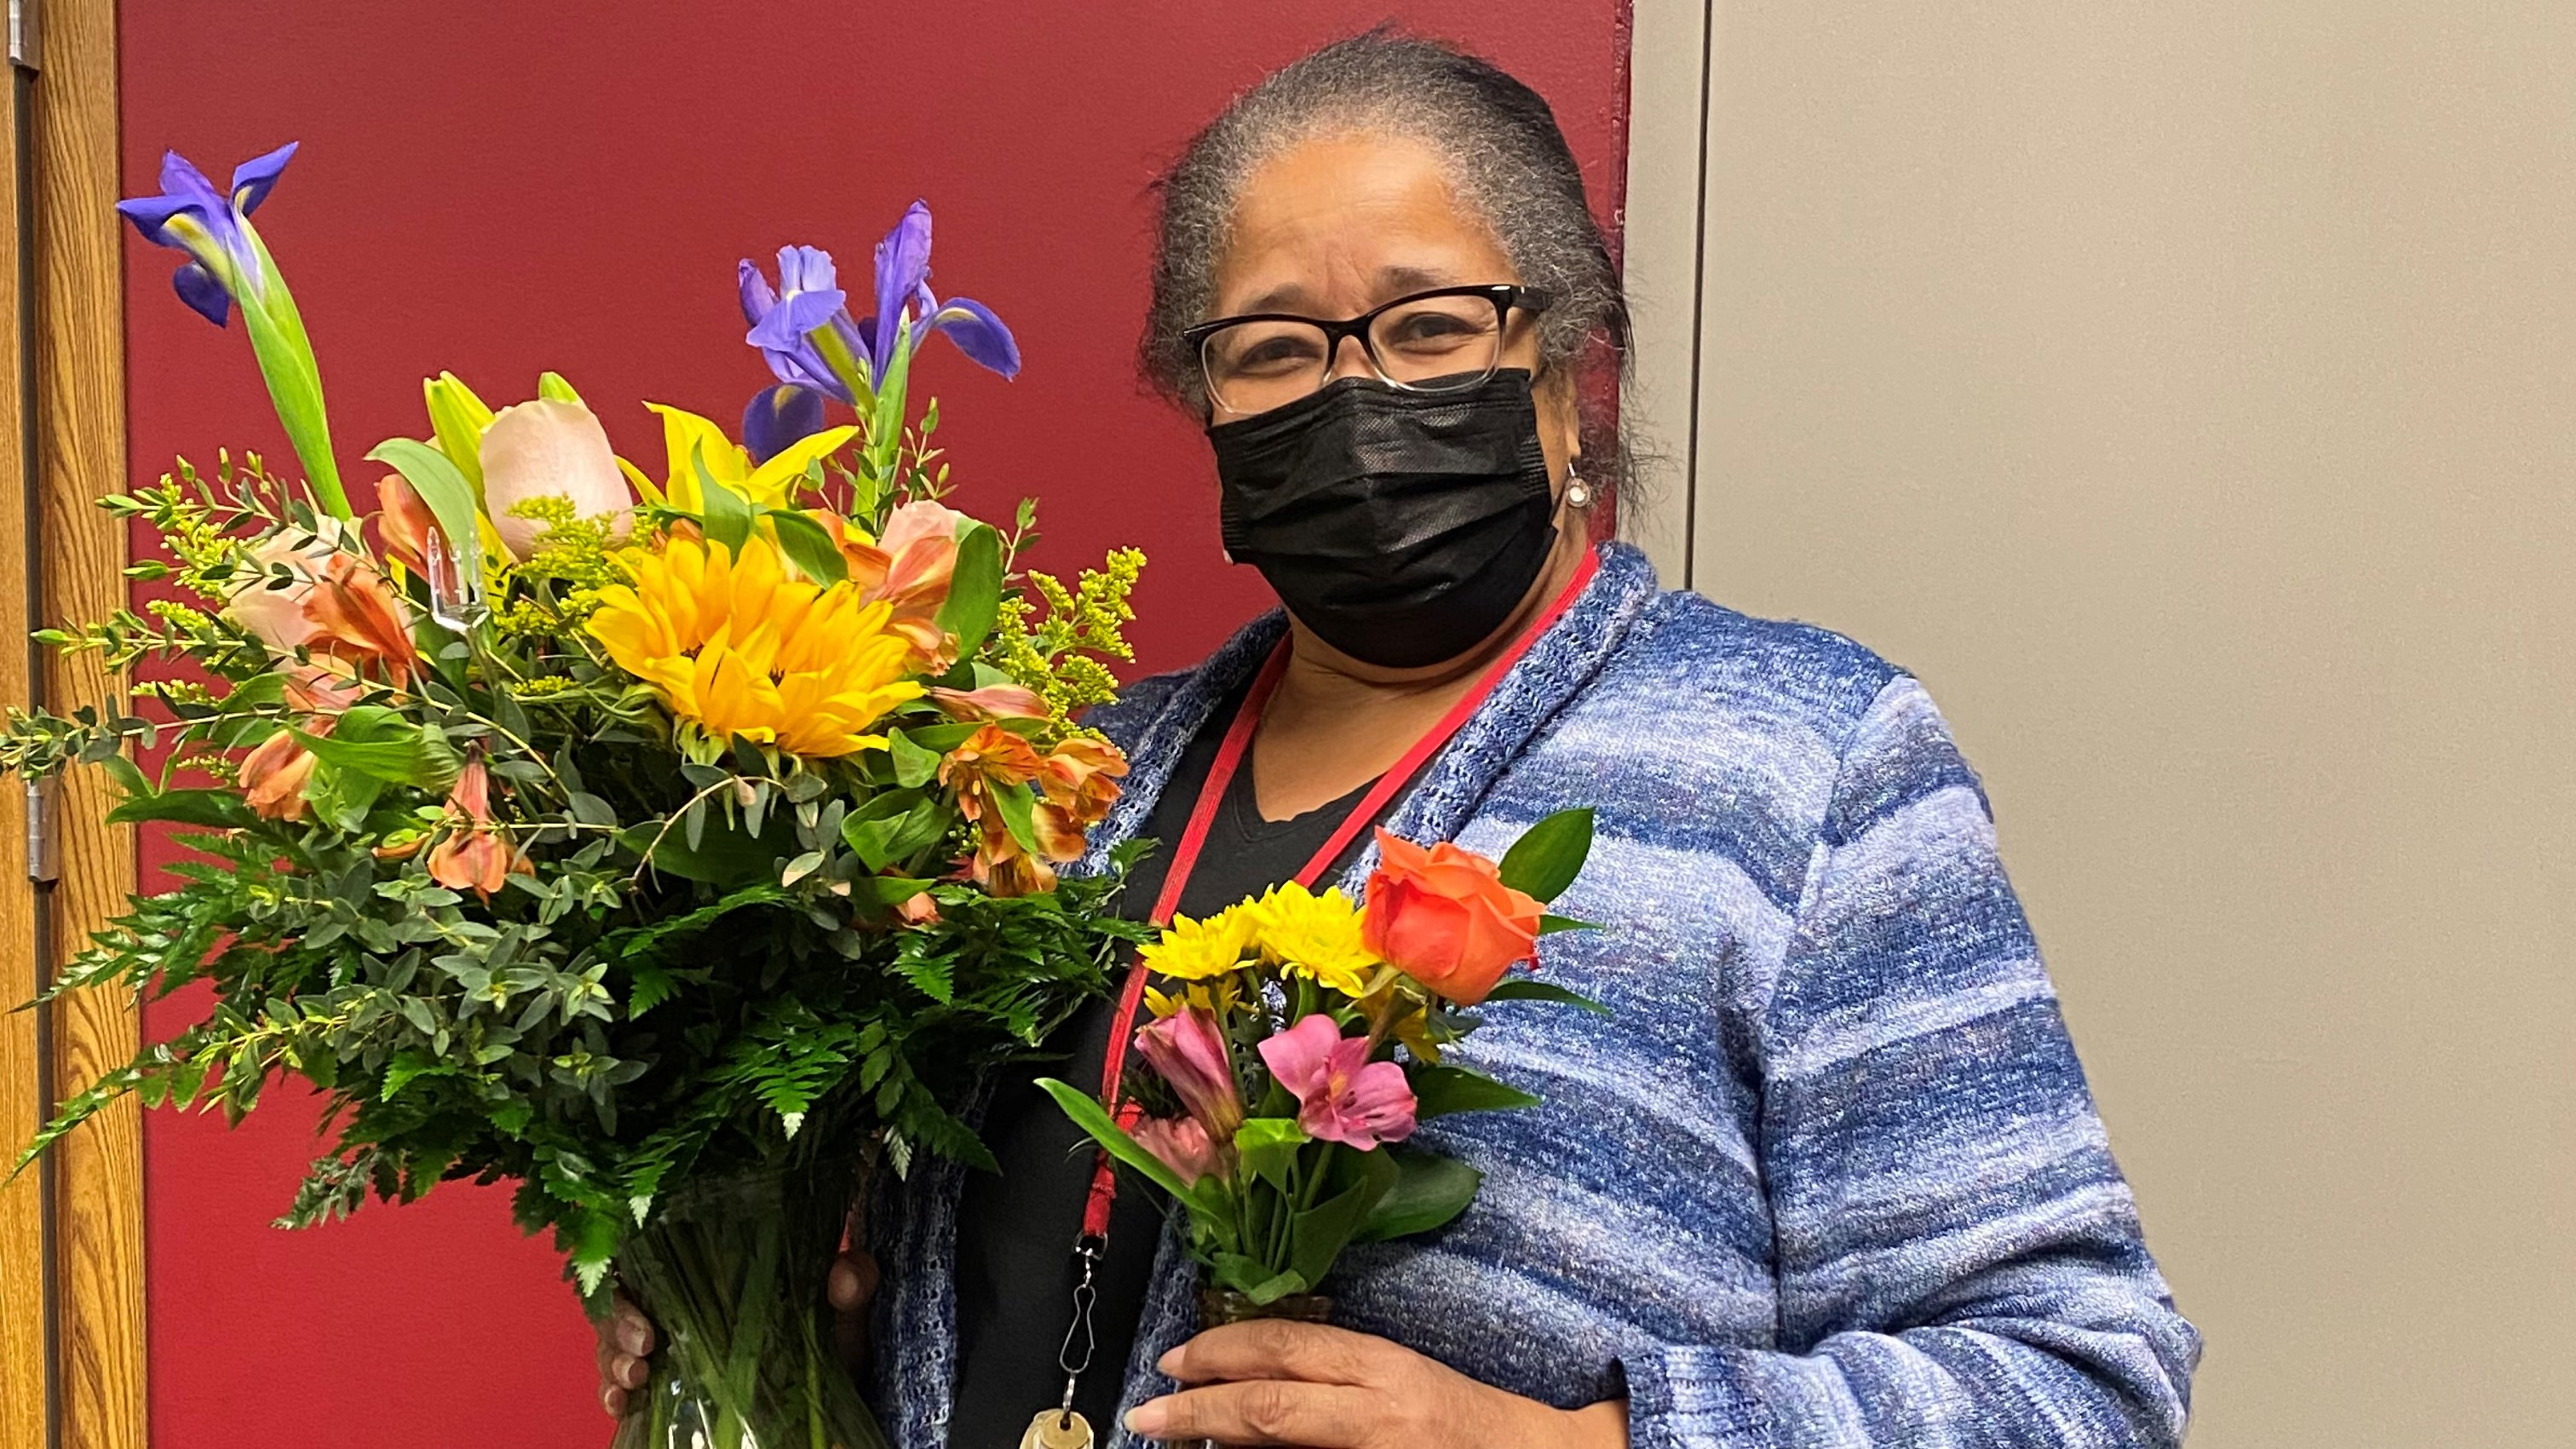 teacher with flowers